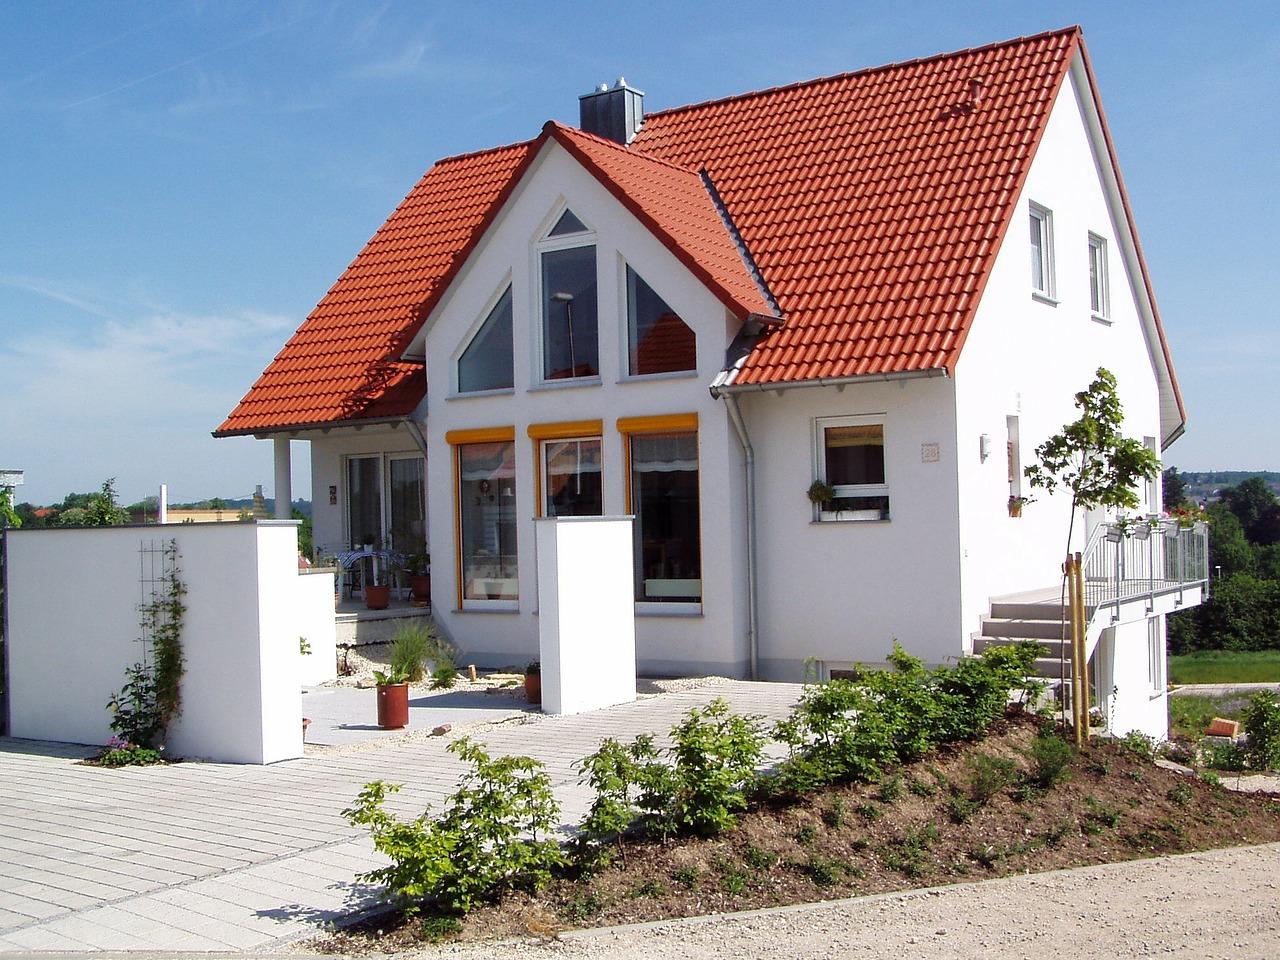 Gesicherte Erschließung des Grundstücks für den Hausbau